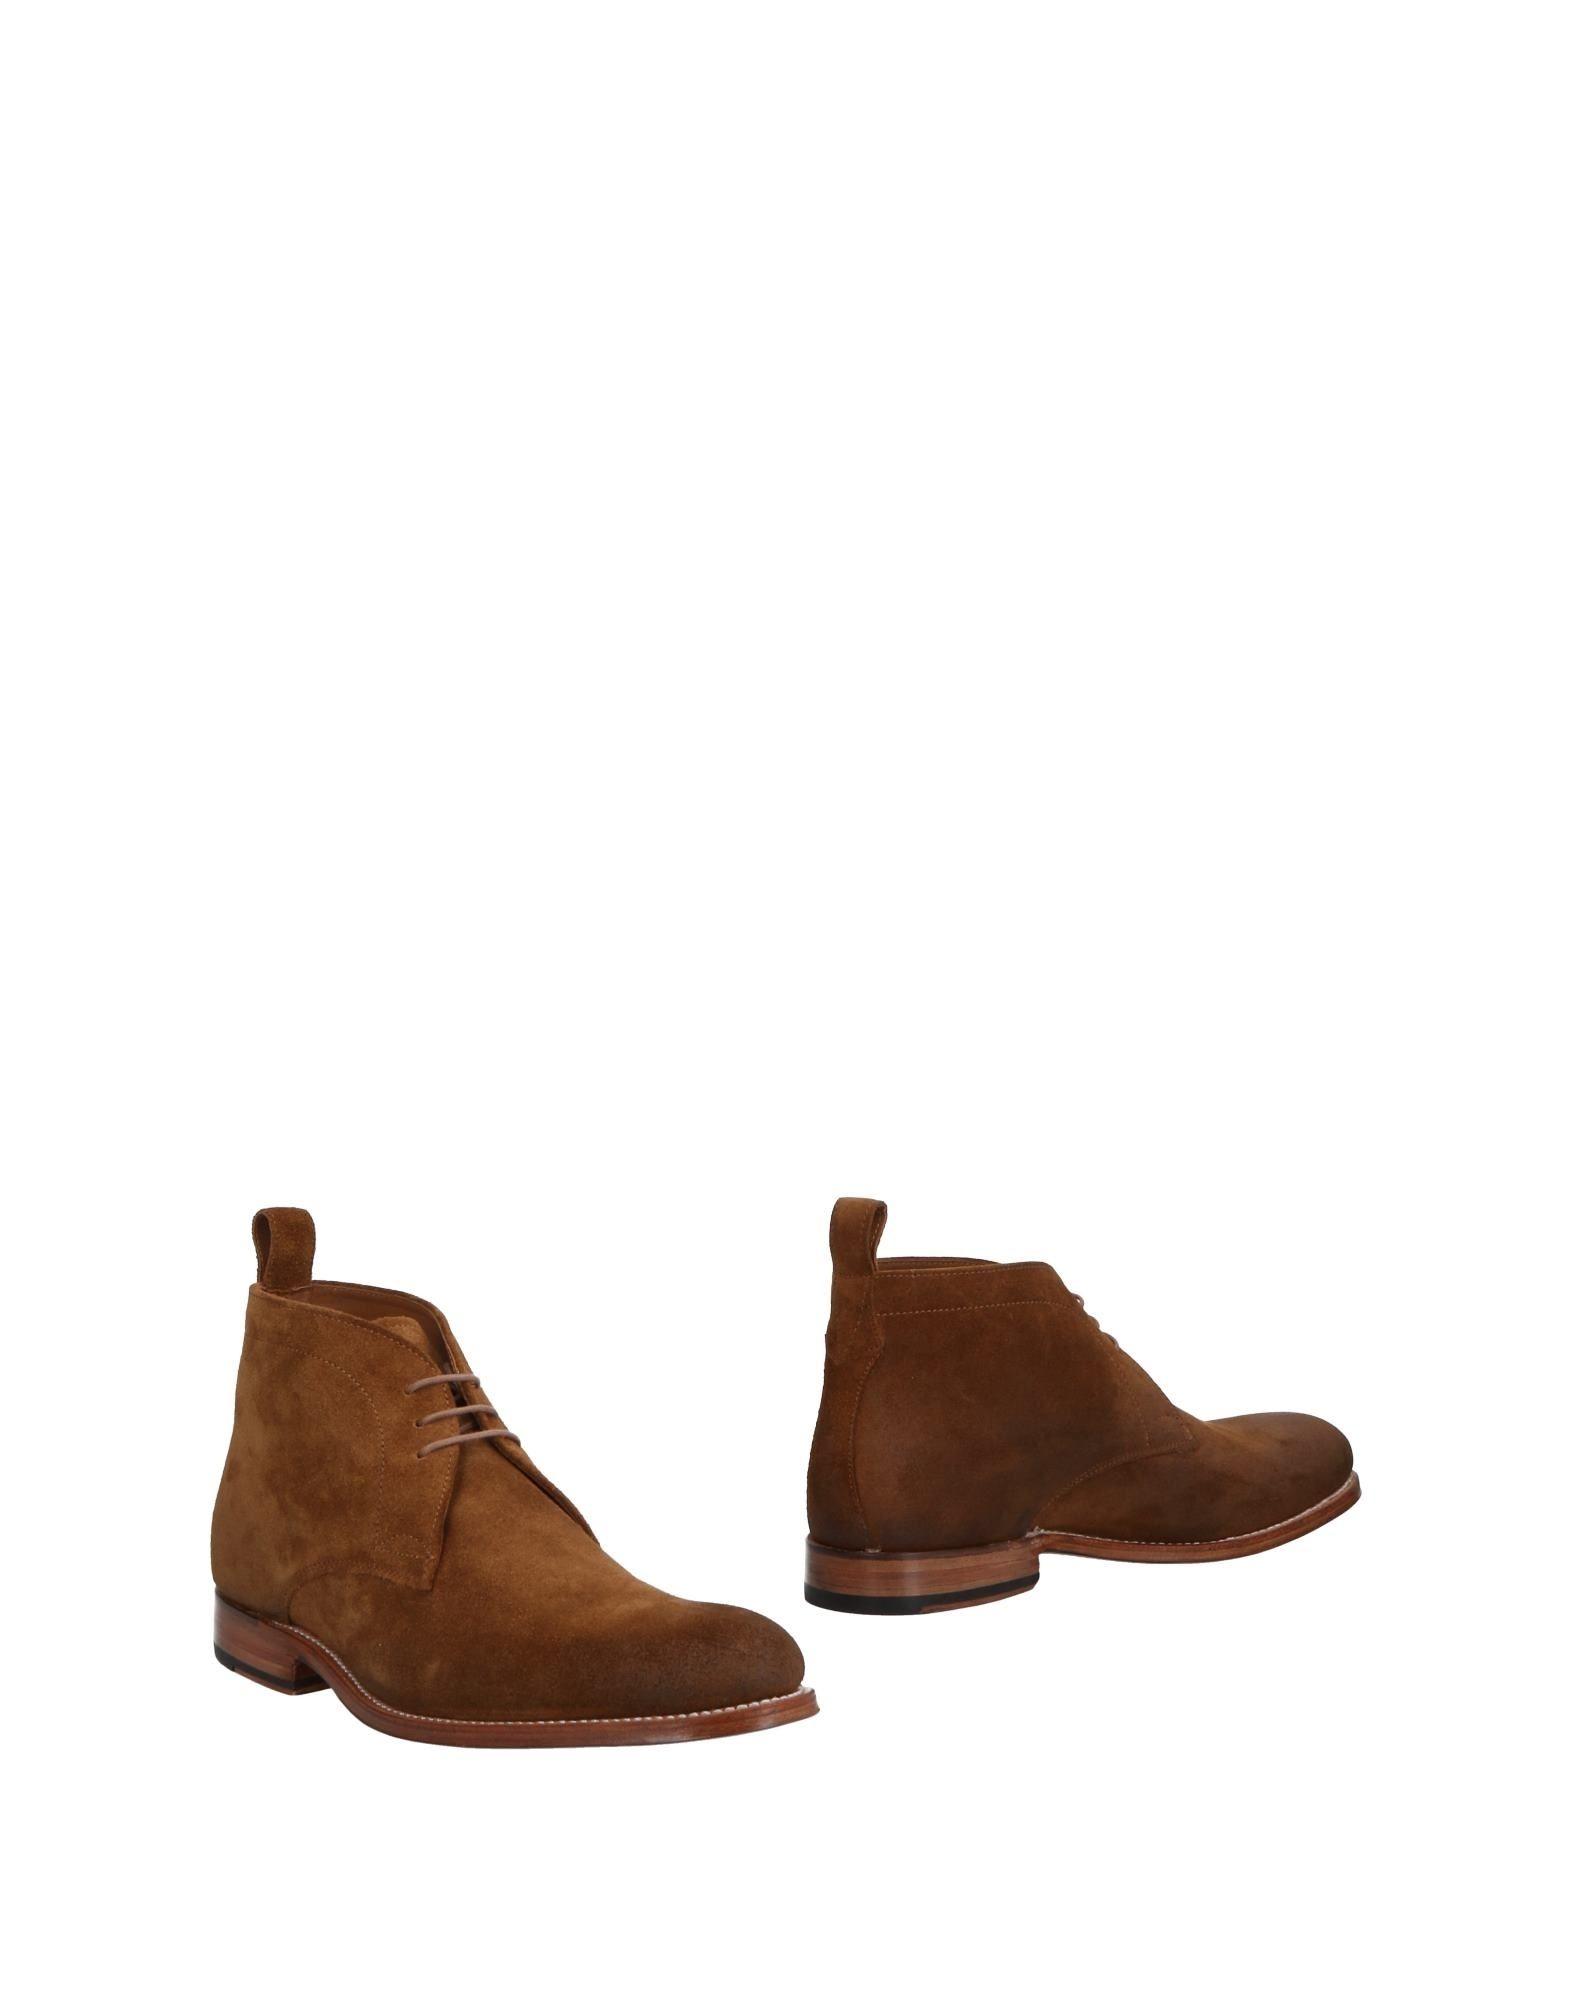 Grenson Stiefelette Herren  11507105DK Gute Qualität beliebte Schuhe